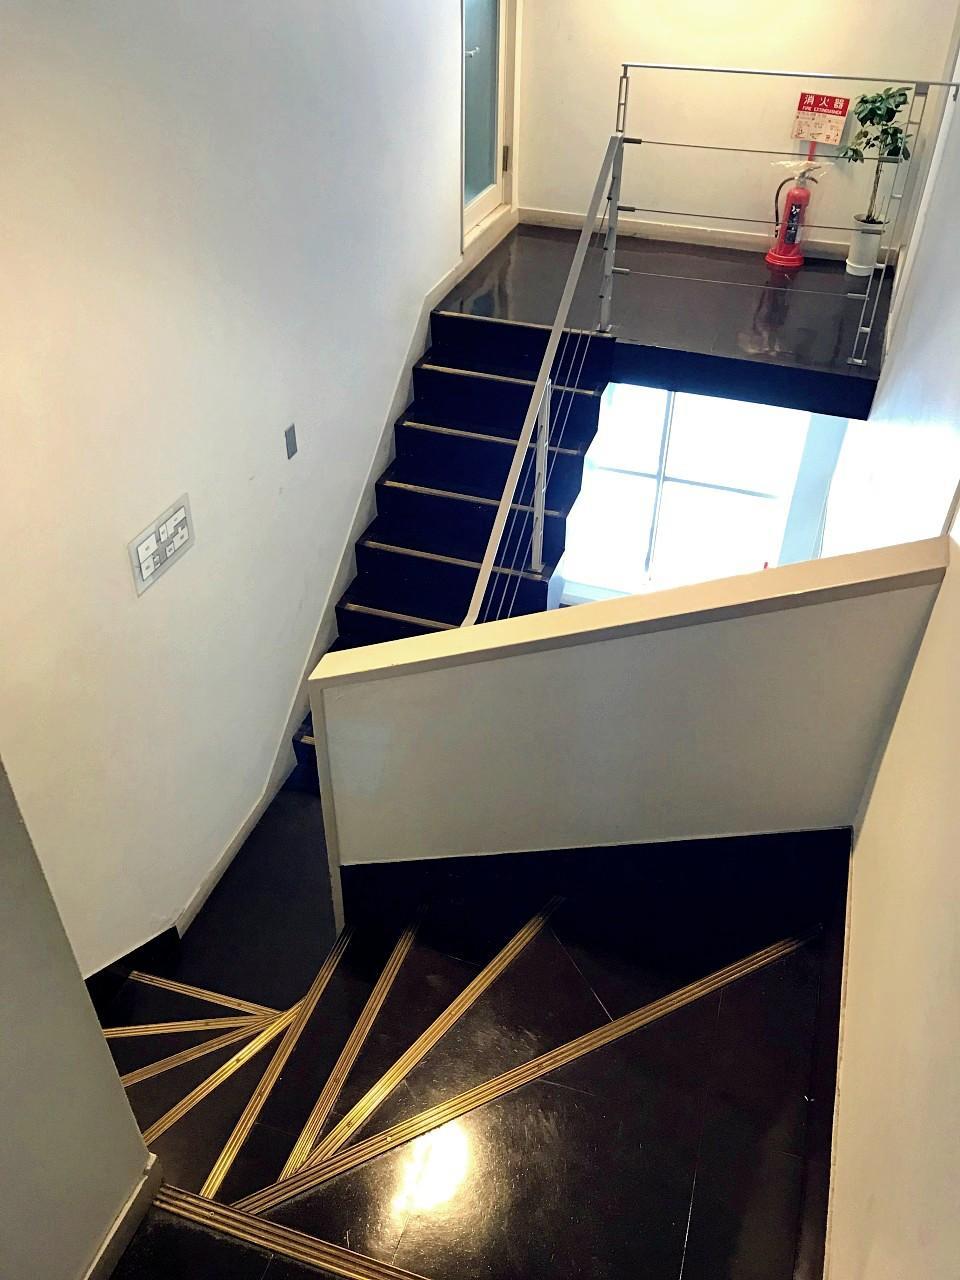 ニコイチになって不思議な共用階段が誕生